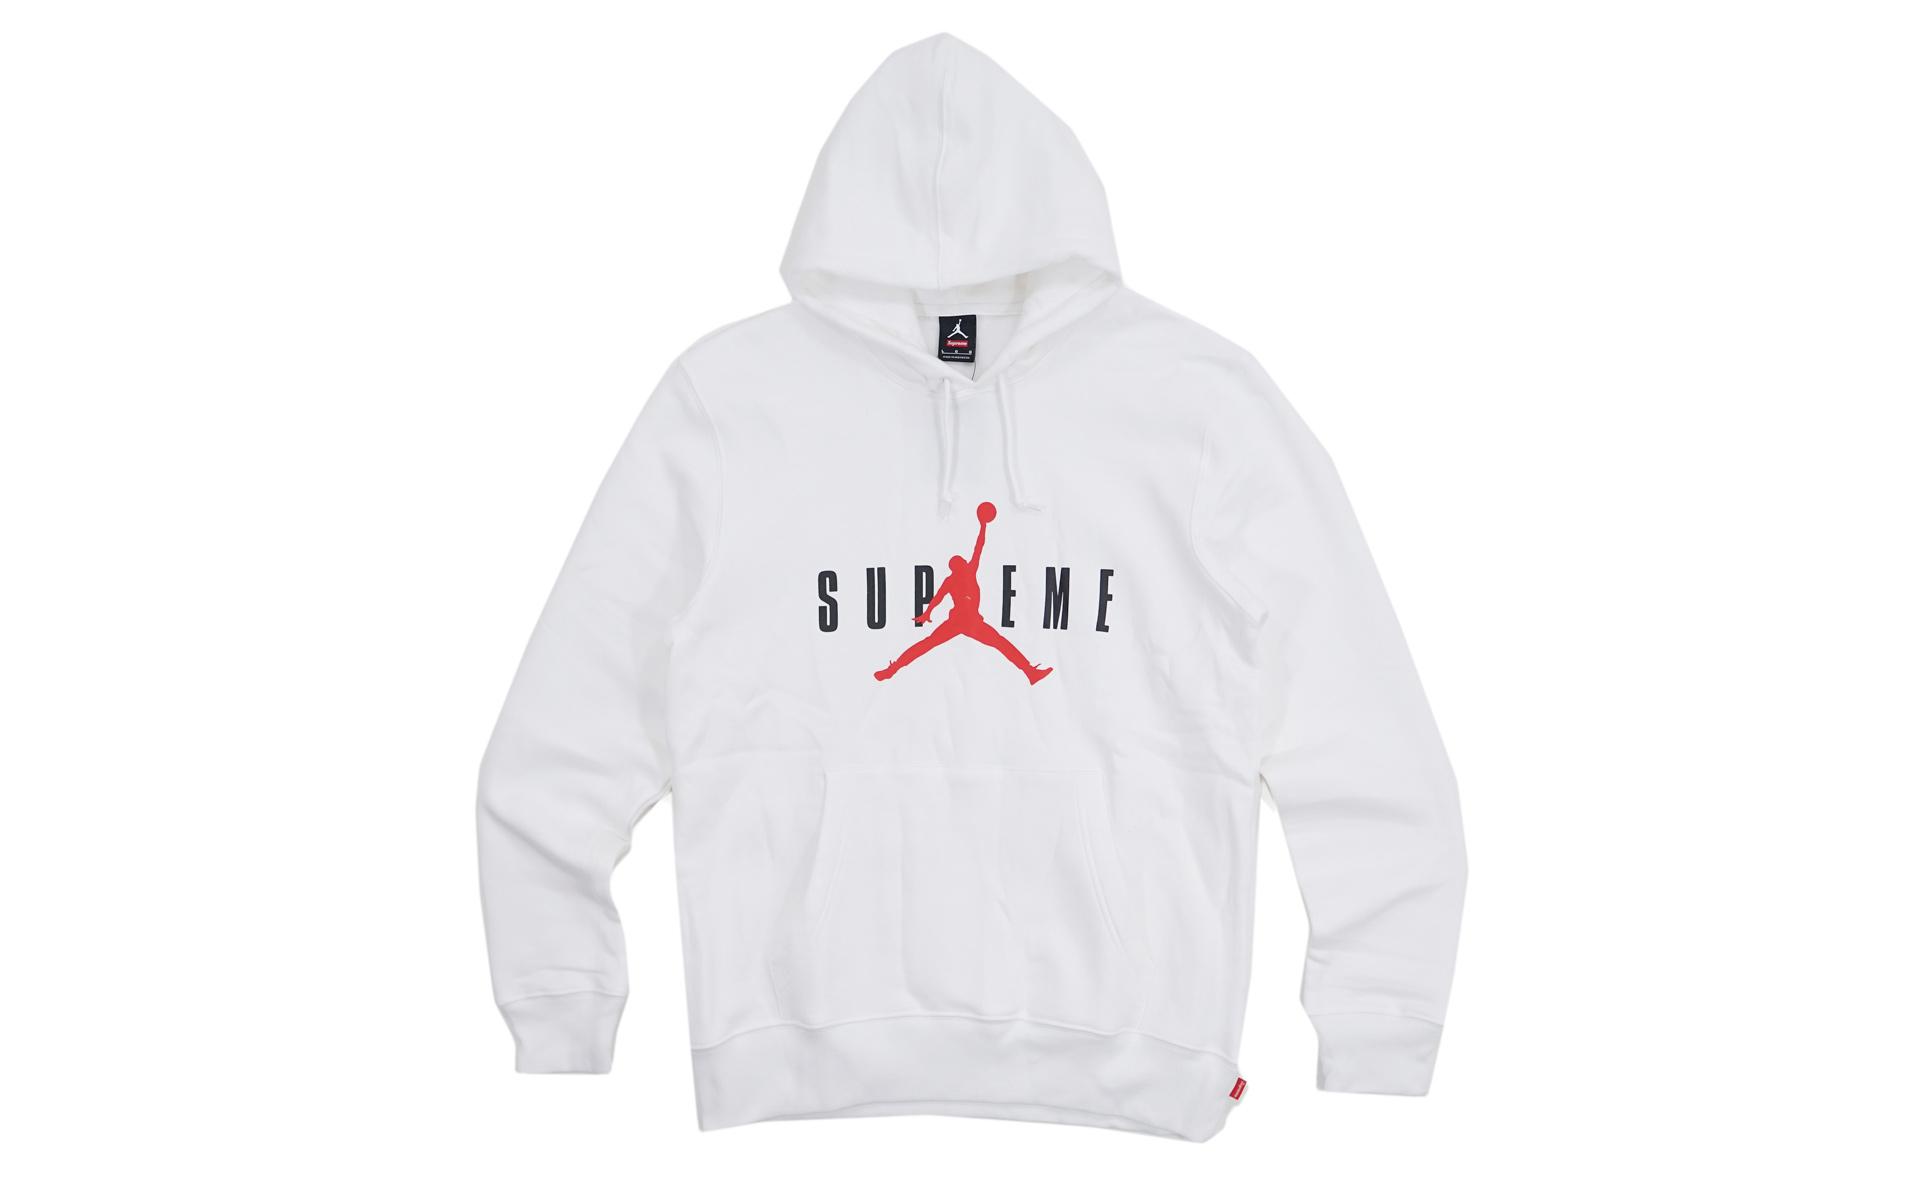 Supreme Jordan Hooded Pullover White - FW15